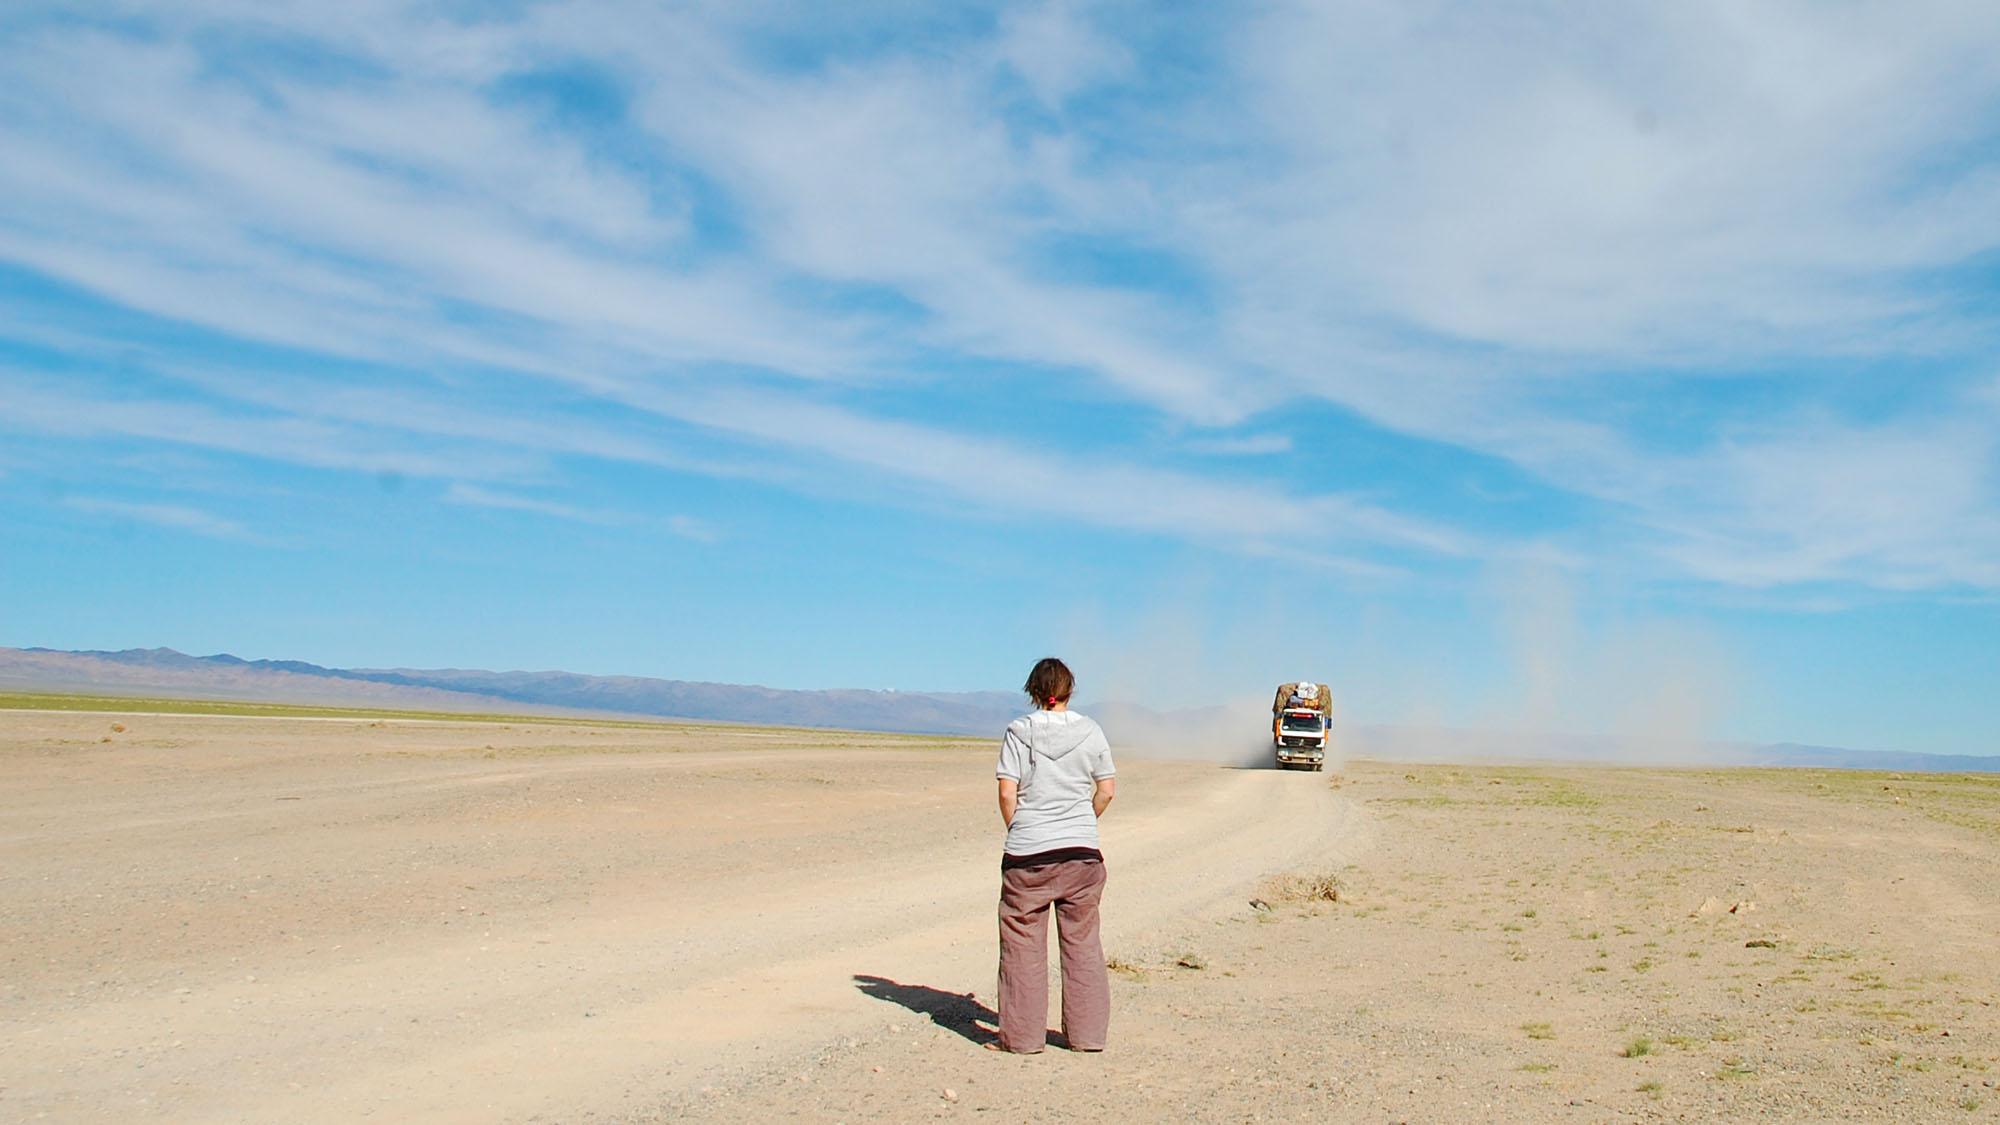 Noen ganger trengte vil hjelp for å finne veien. Da var det bare å vente til vi så en støvsky, og prøve å stoppe en lastebil og spørre om veien.